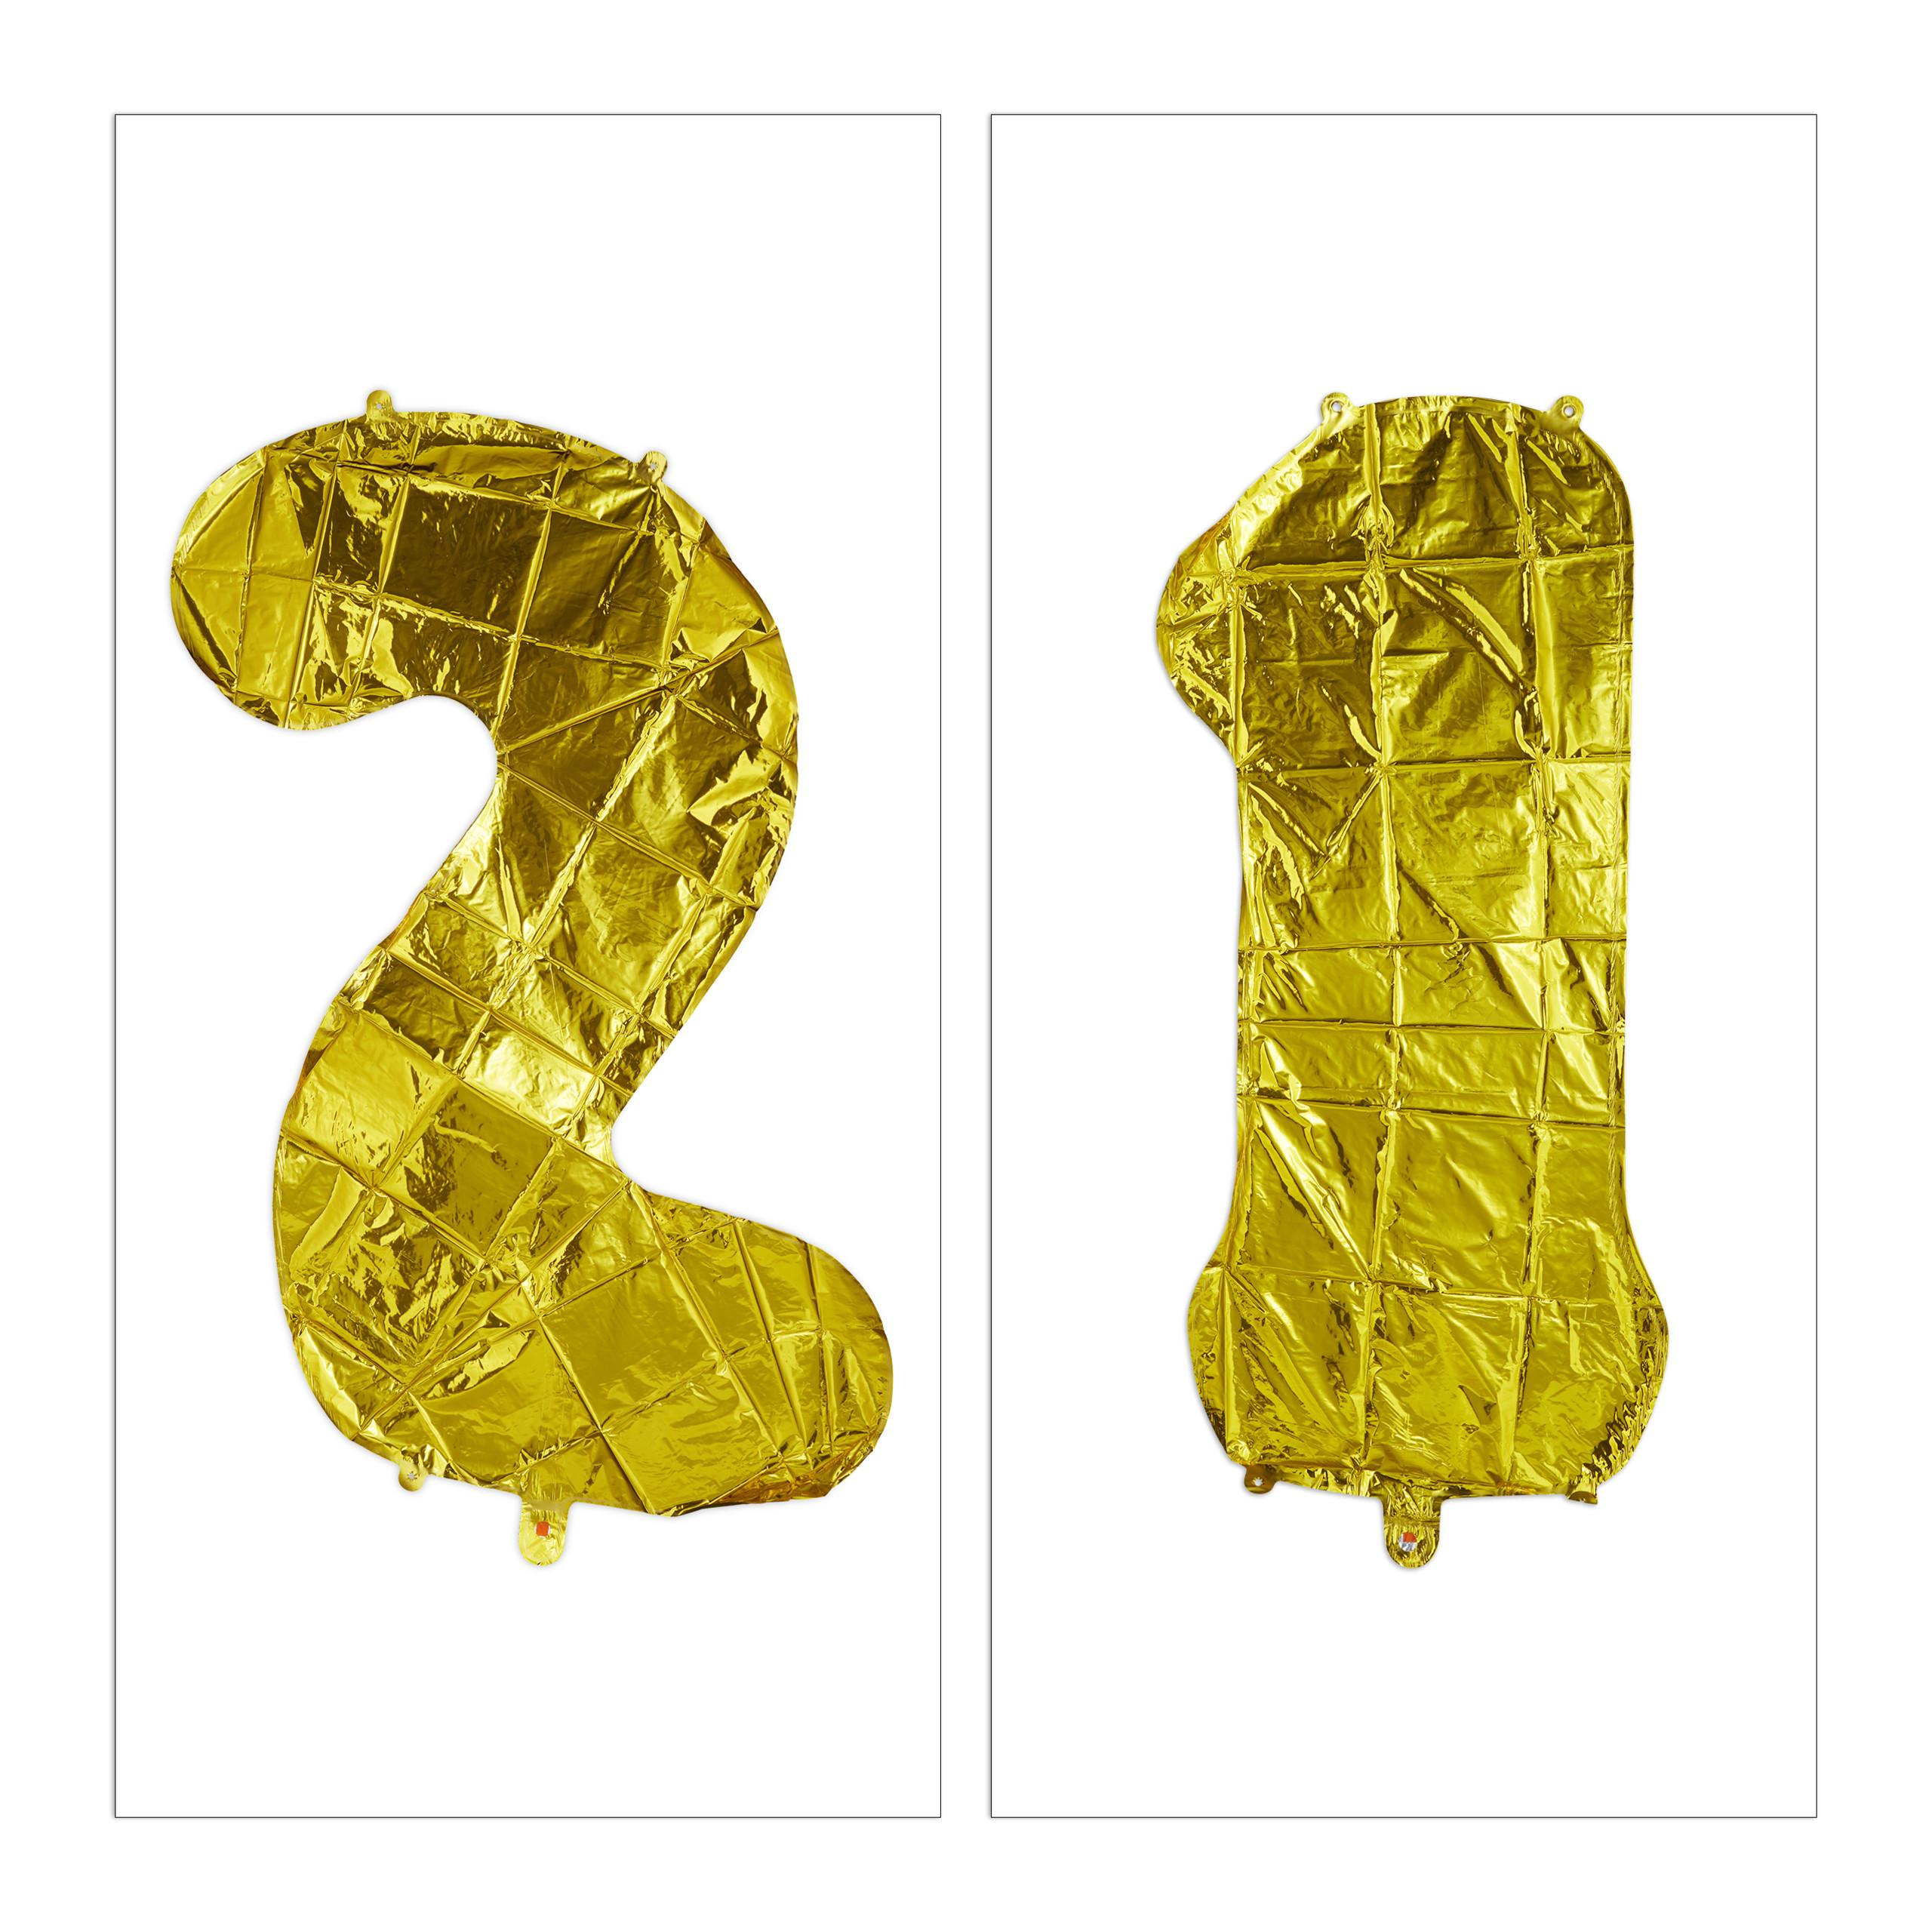 Ballon-chiffre-numero-21-gonflable-anniversaire-decoration-geant-mariage miniature 9